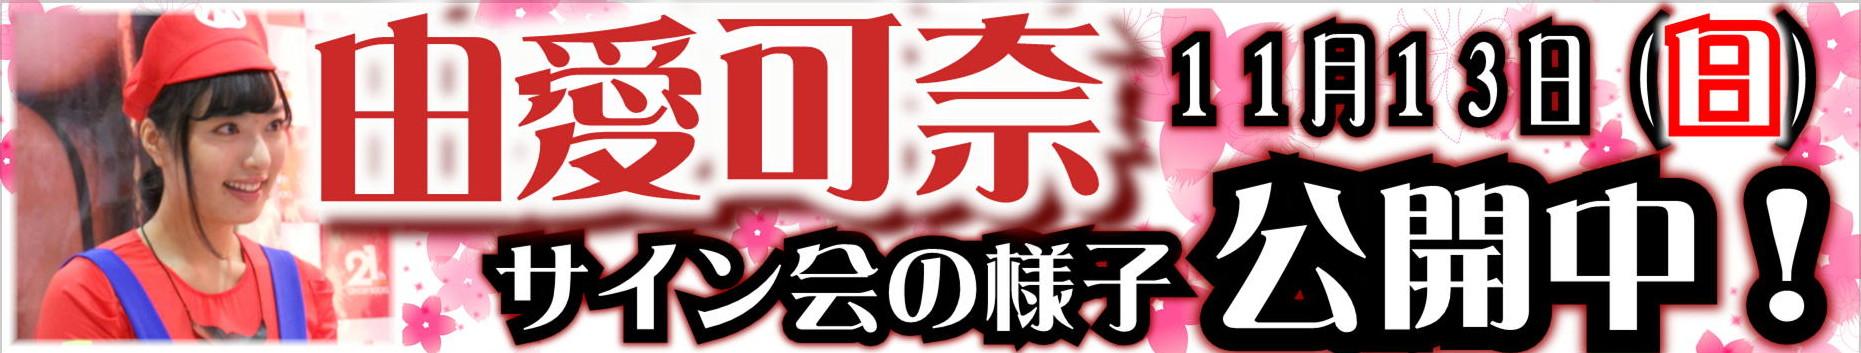 サイン会 帯広 由愛可奈 北海道